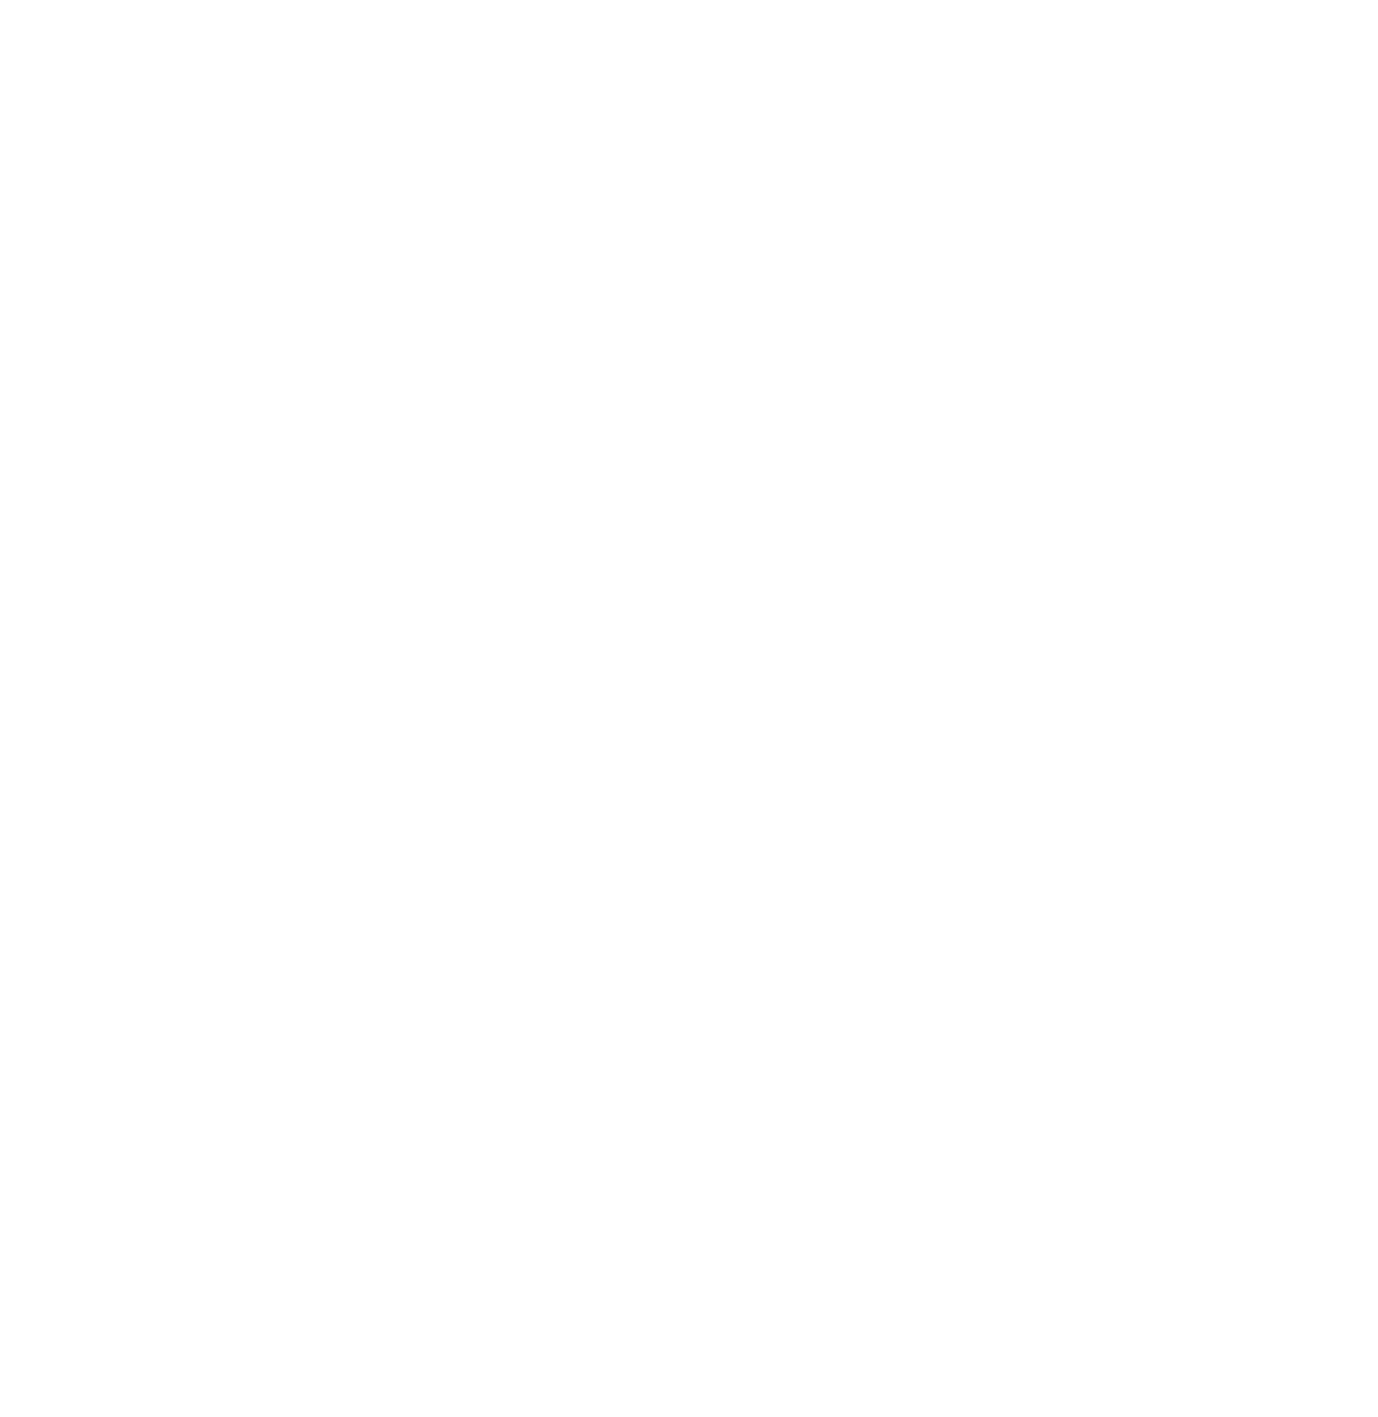 biały trójkąt